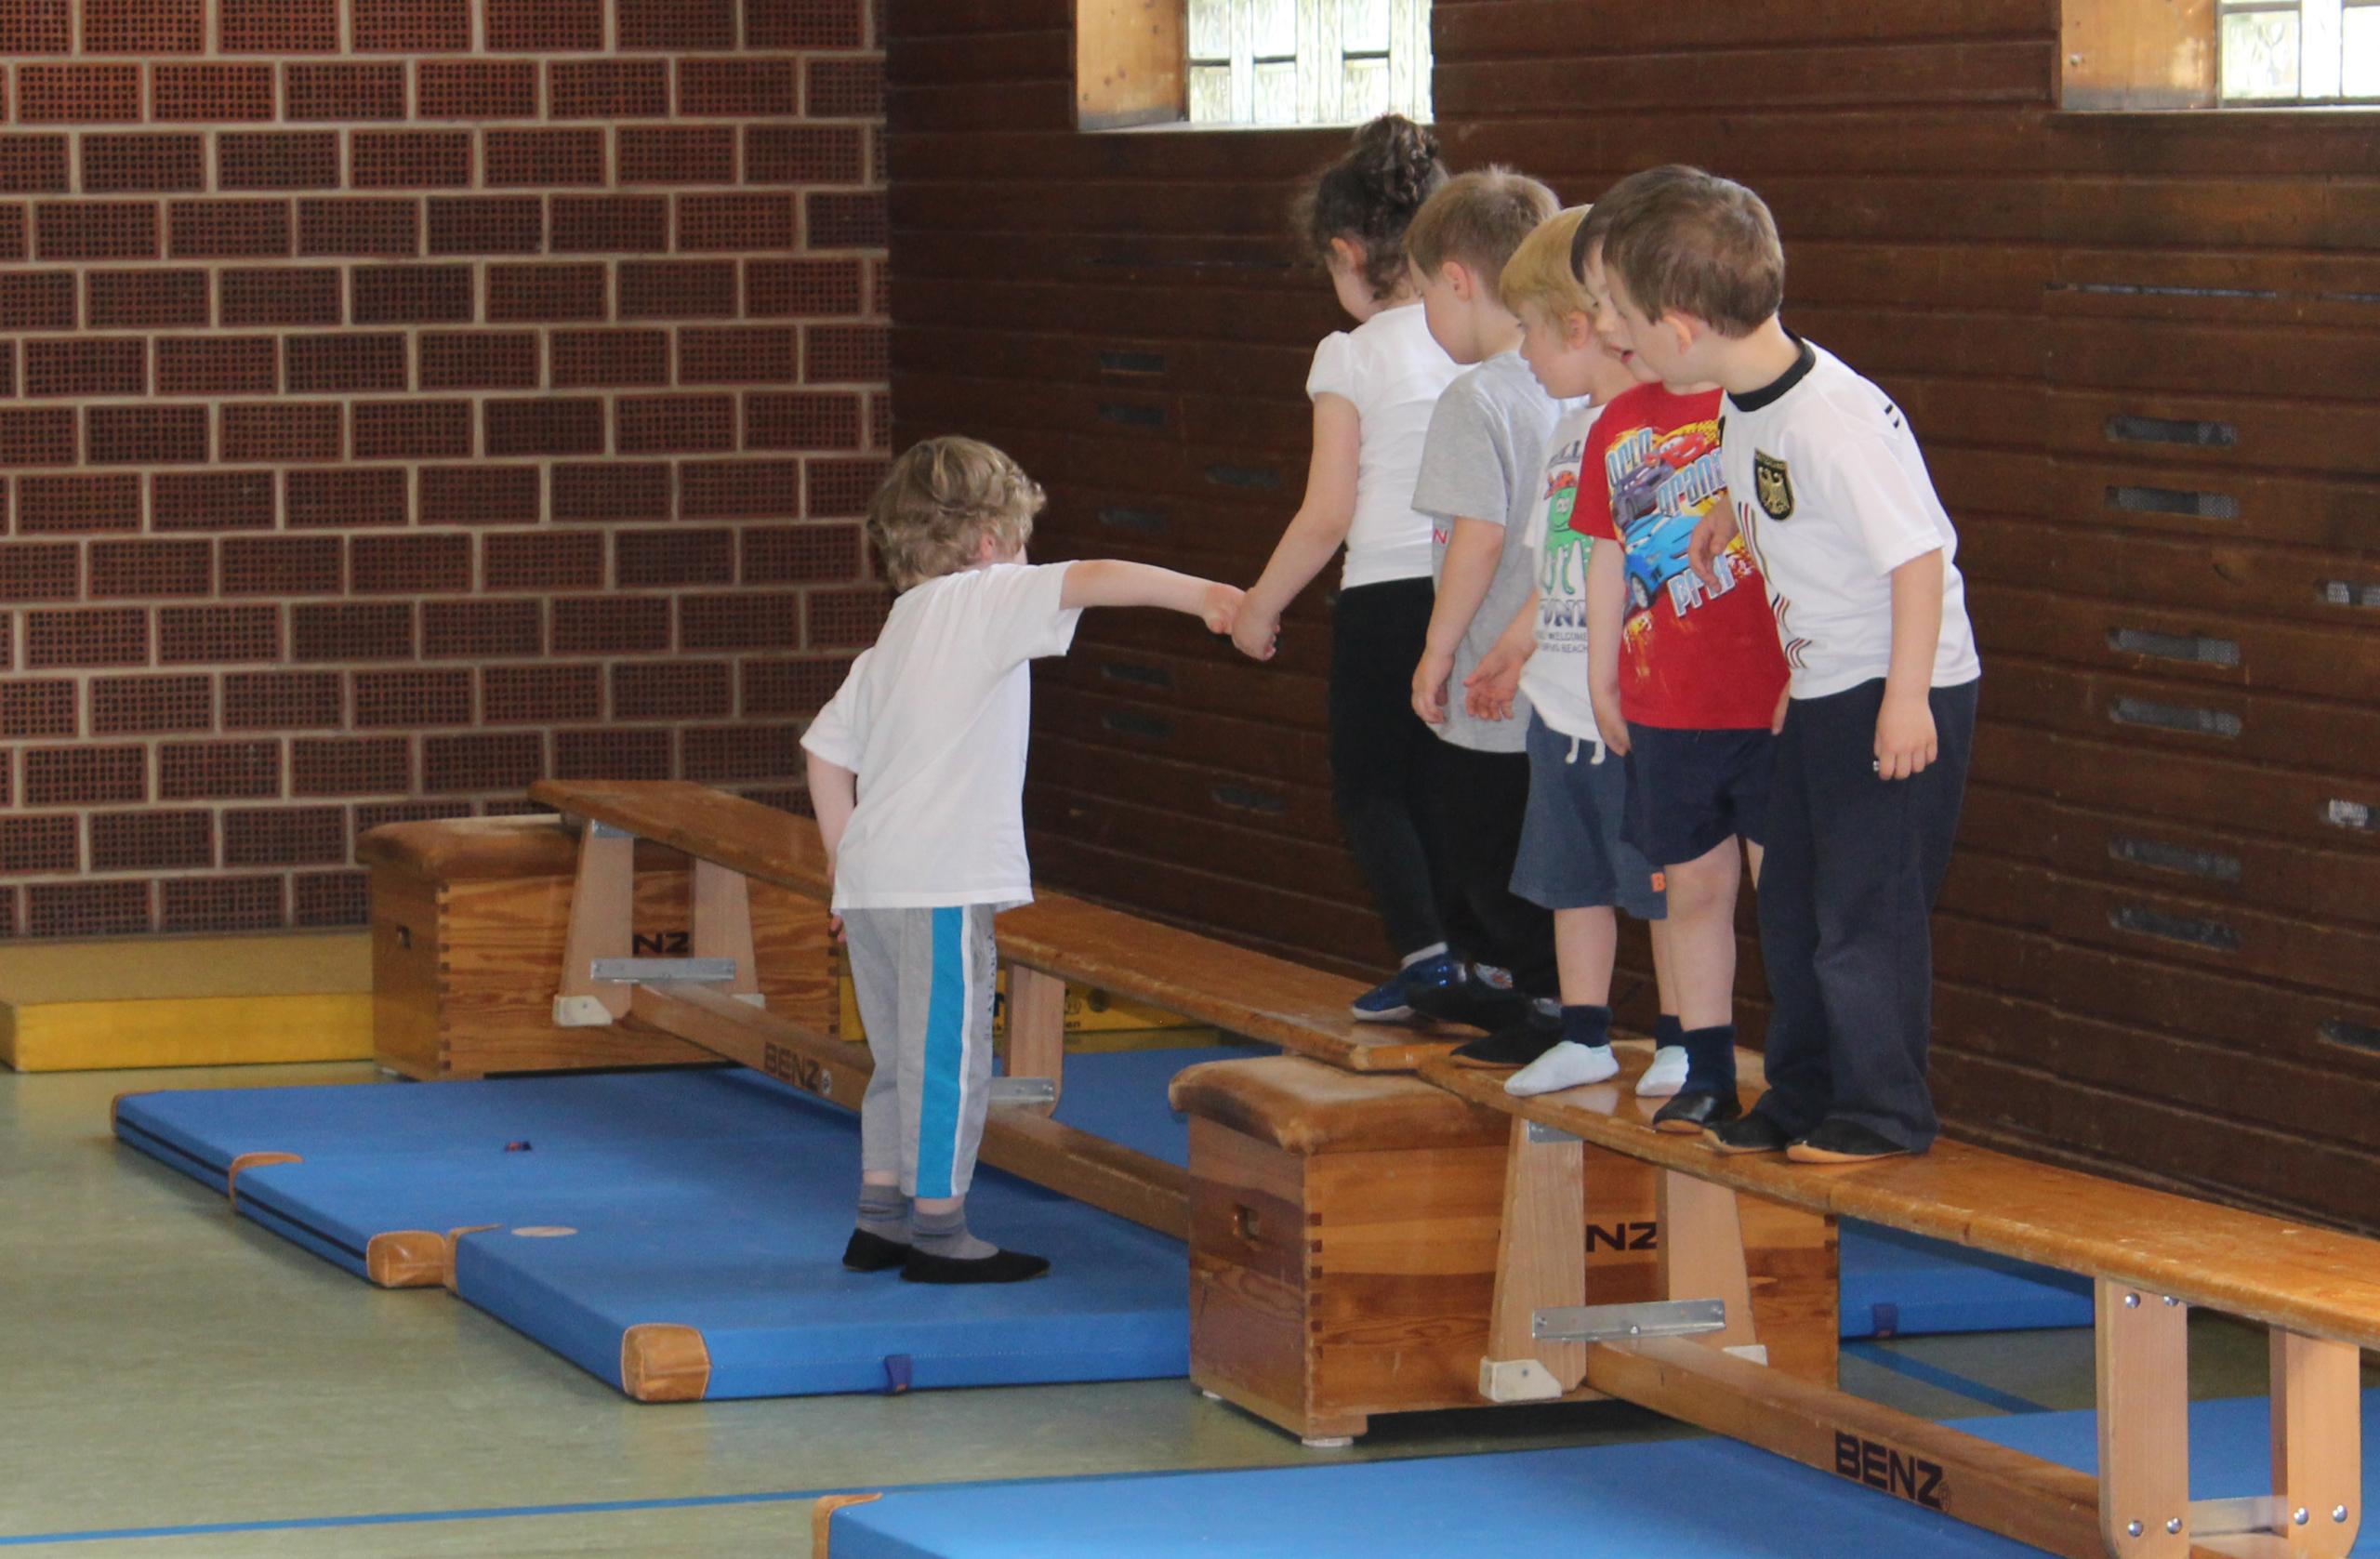 Turnverein erhält Förderpreis der Stiftung Allianz für Kinder